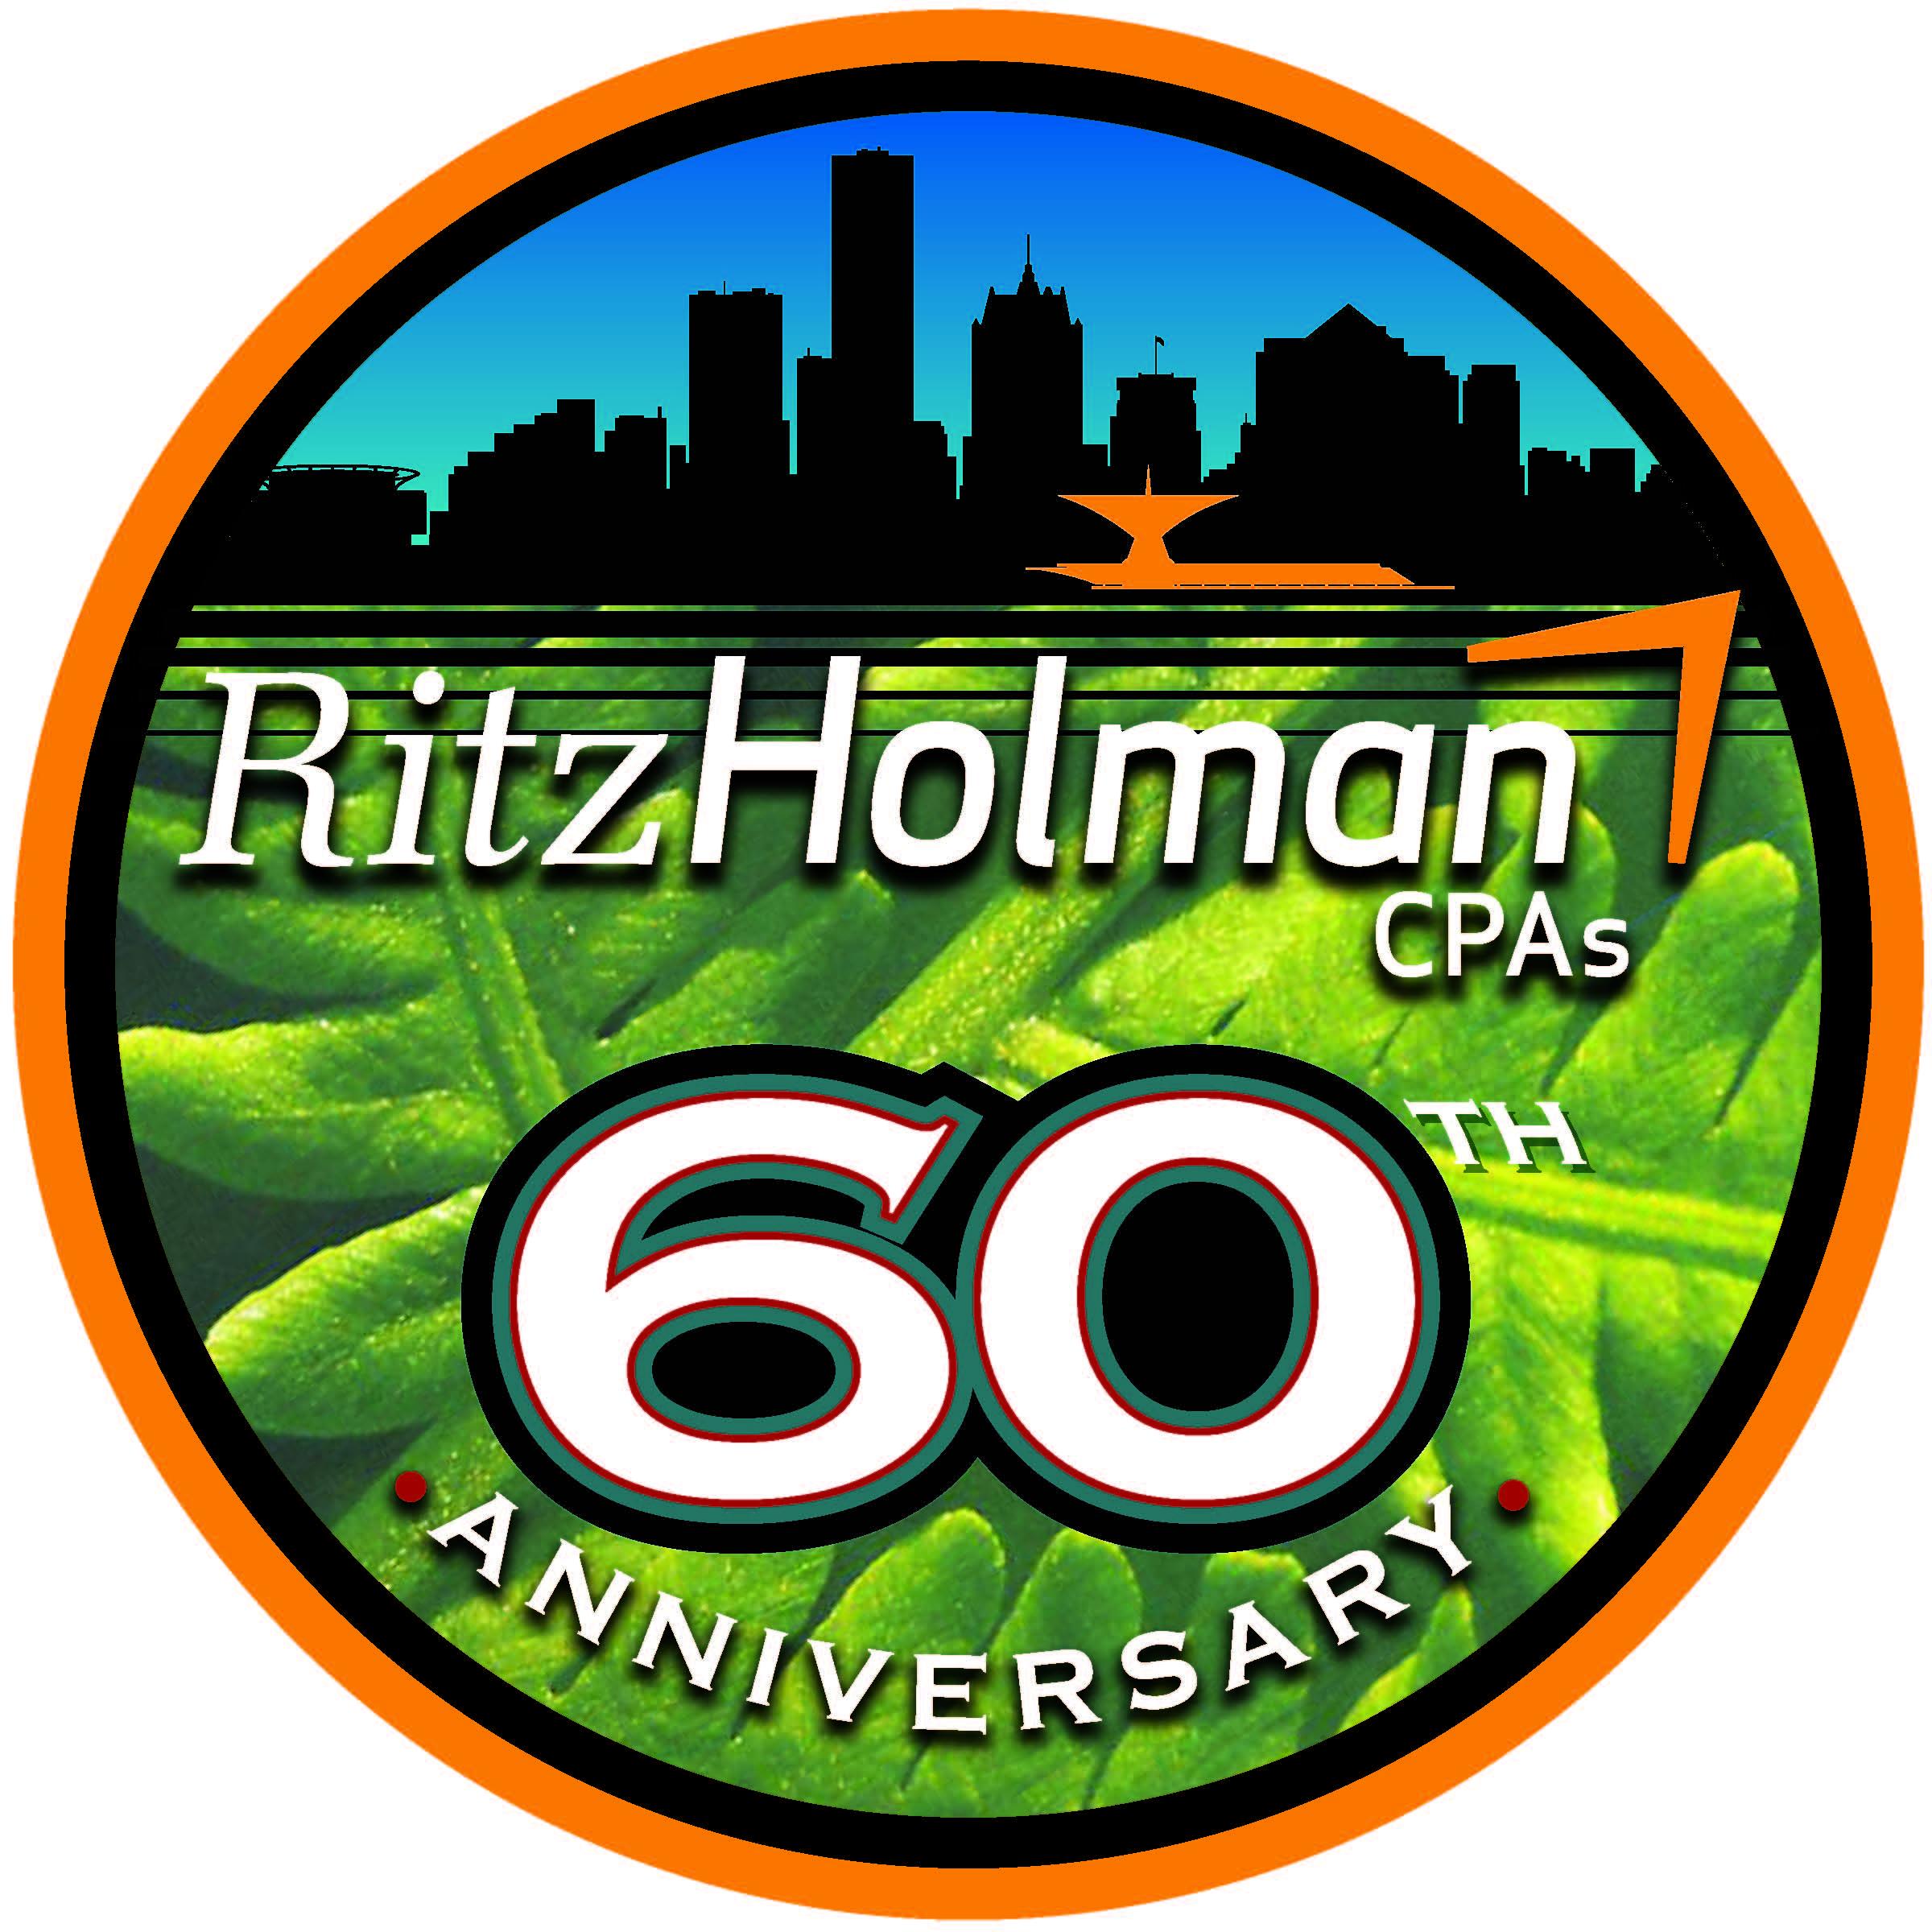 RitzHolman CPAs